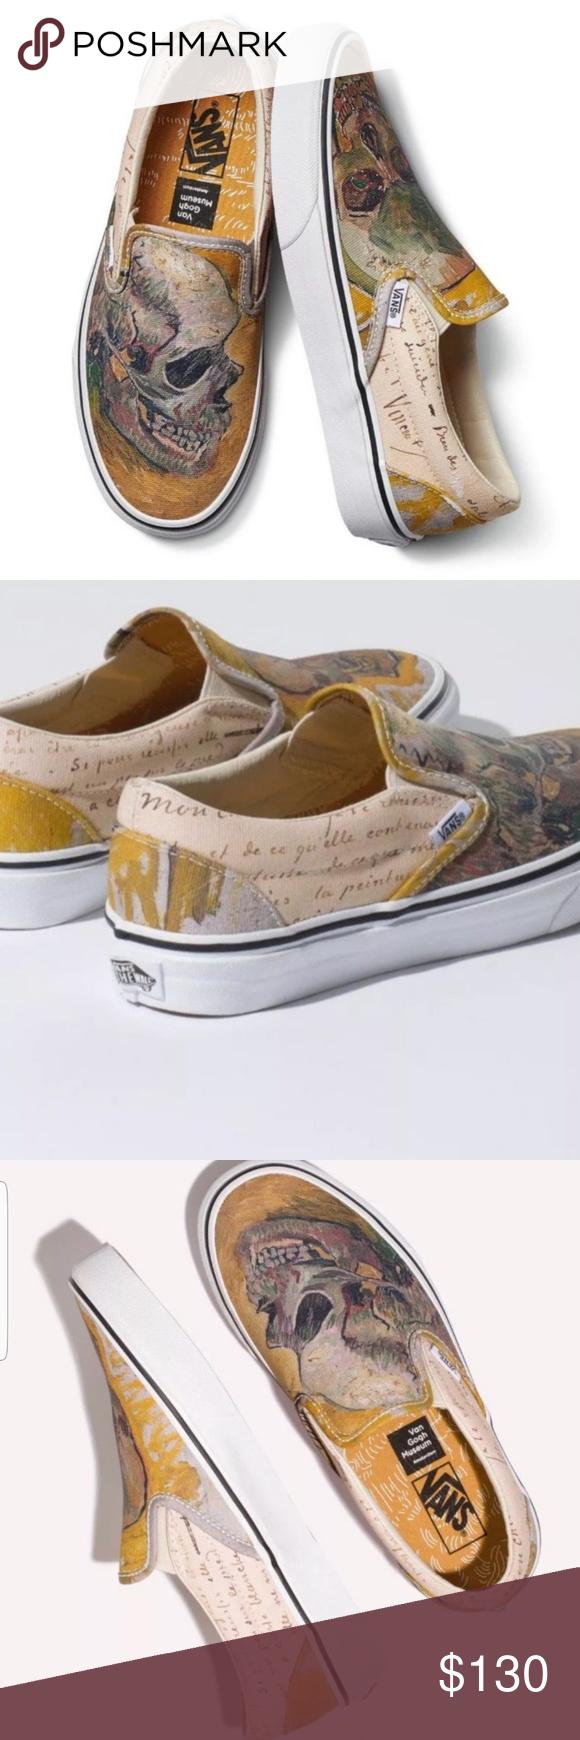 Nib Vans Vincent Van Gogh Skull Classic Slip Ons Clothes Design Womens Vans Vans Shoes